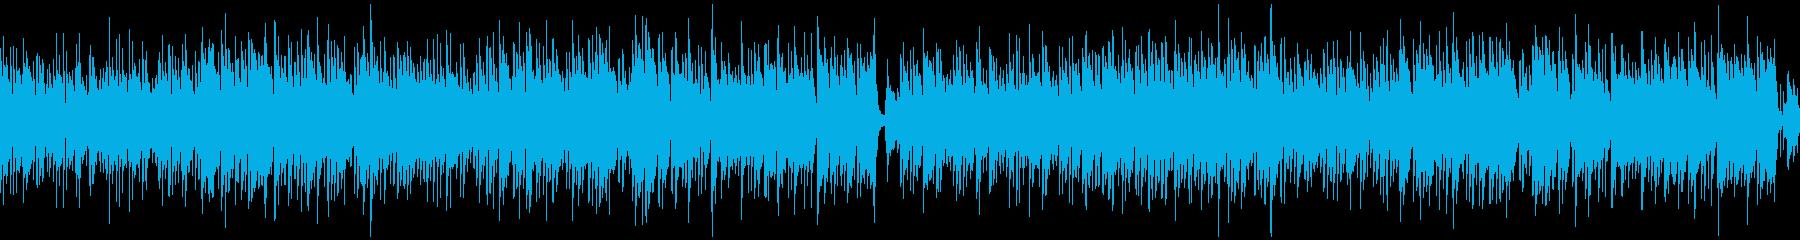 ループ/ギター生演奏の爽やかボサノバの再生済みの波形